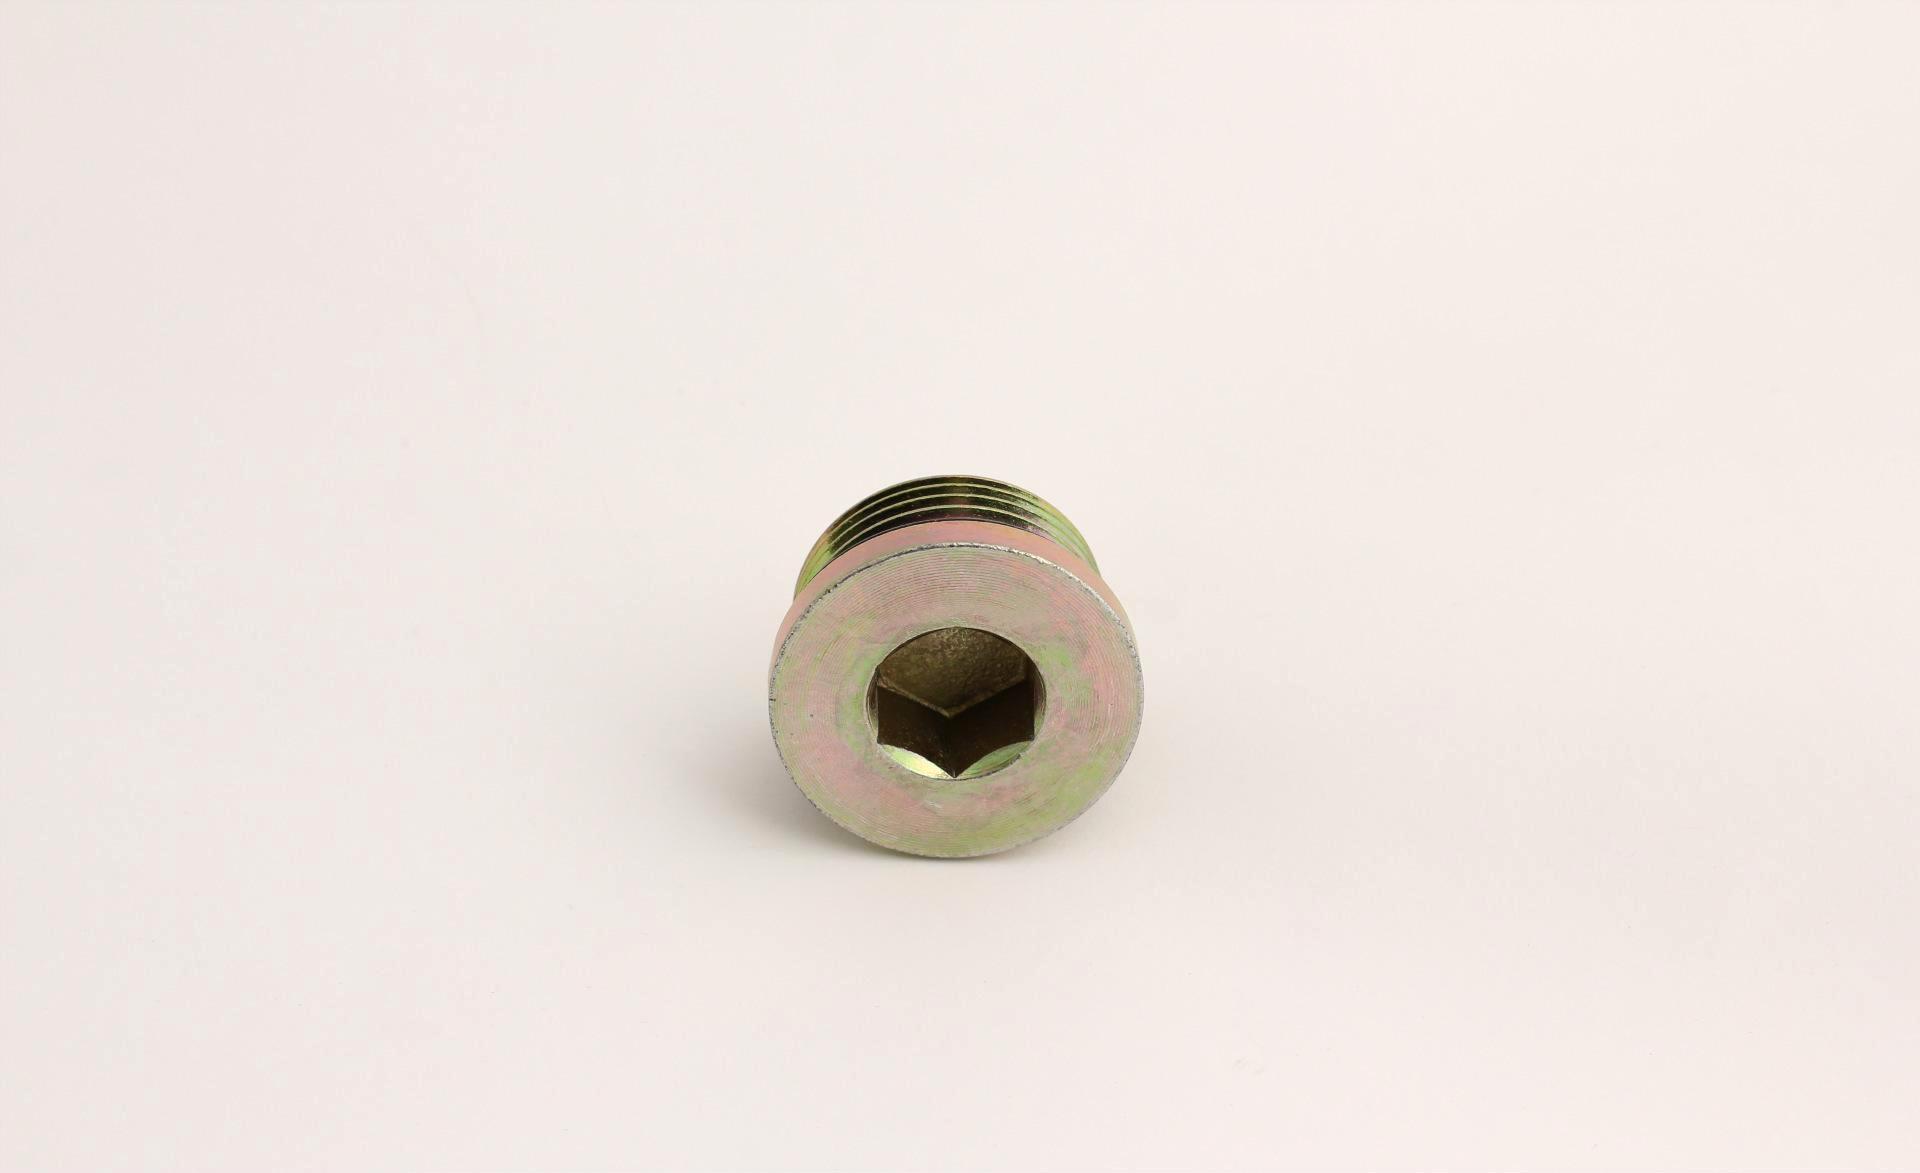 堵头: 内六角堵头,断面o圈密封. 材质碳钢.数控或仪表价格而成.图片